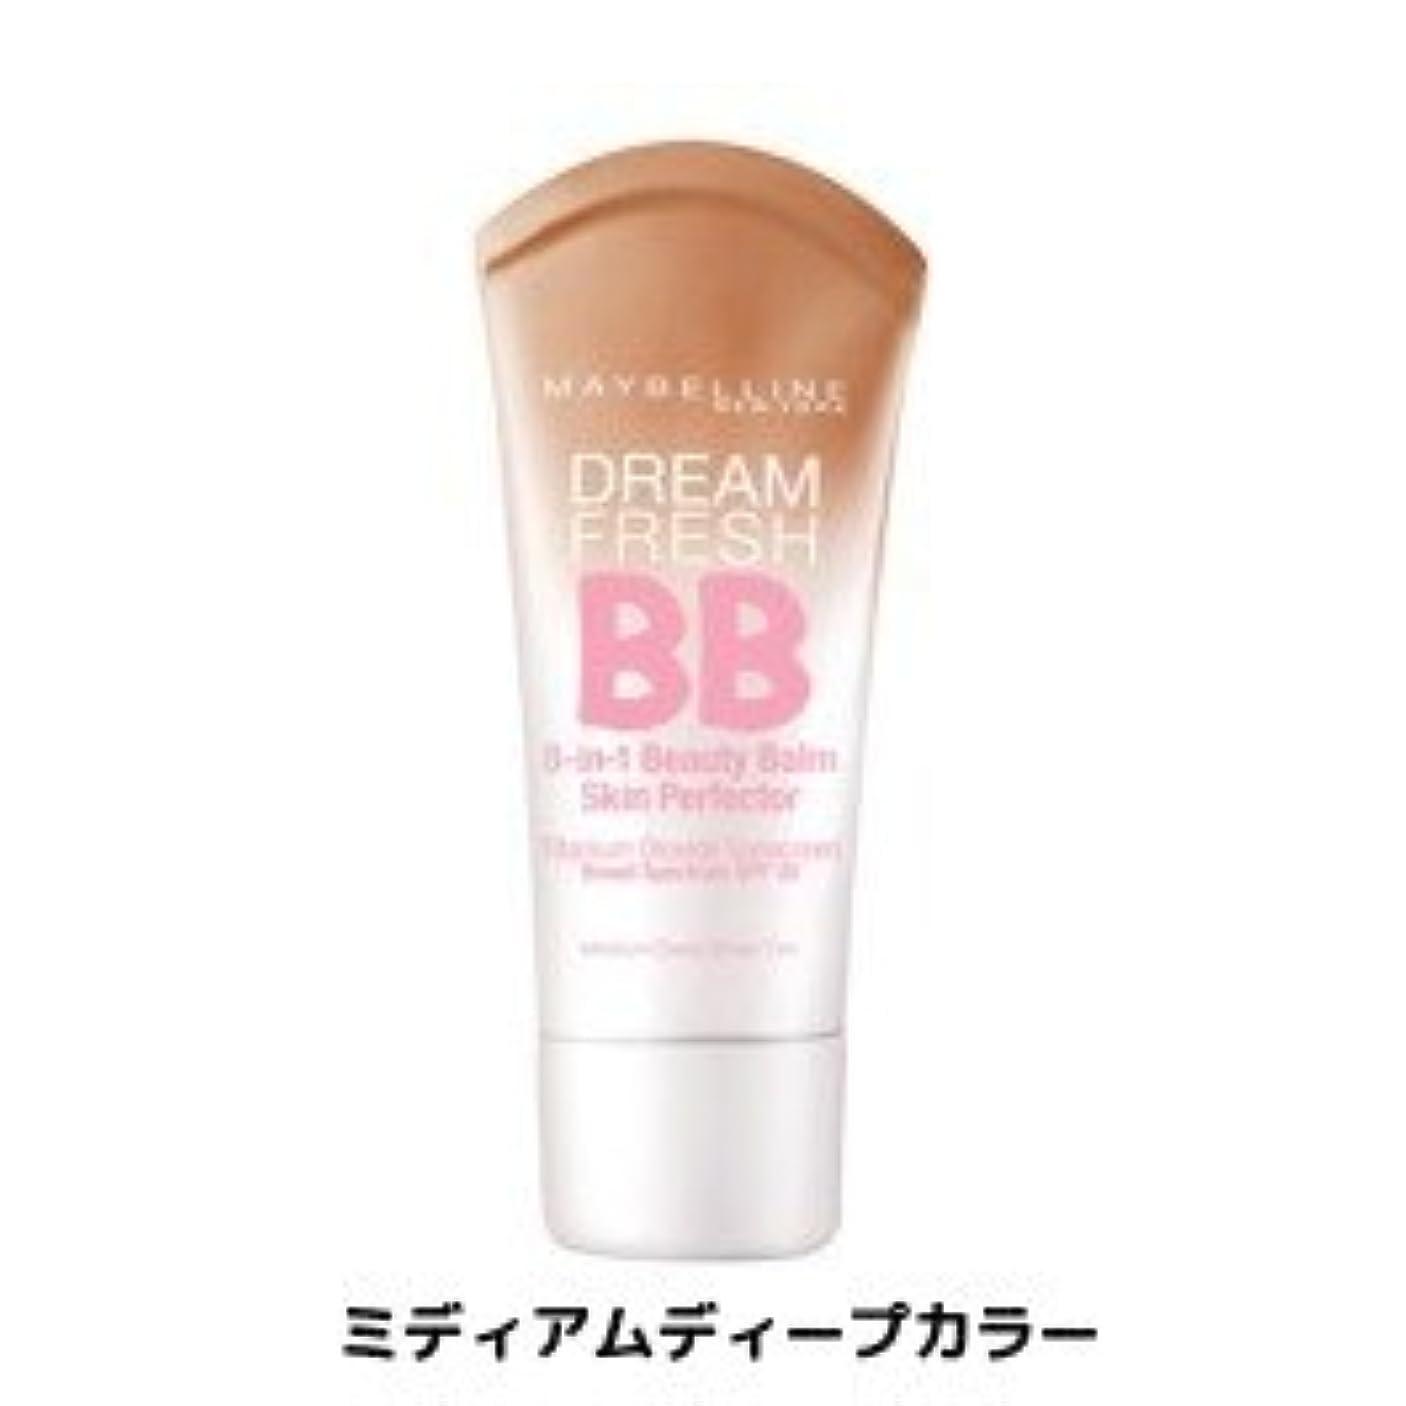 流申請中そこメイベリン BBクリーム  SPF 30*Maybelline Dream Fresh BB Cream 30ml【平行輸入品】 (ミディアムディープカラー)